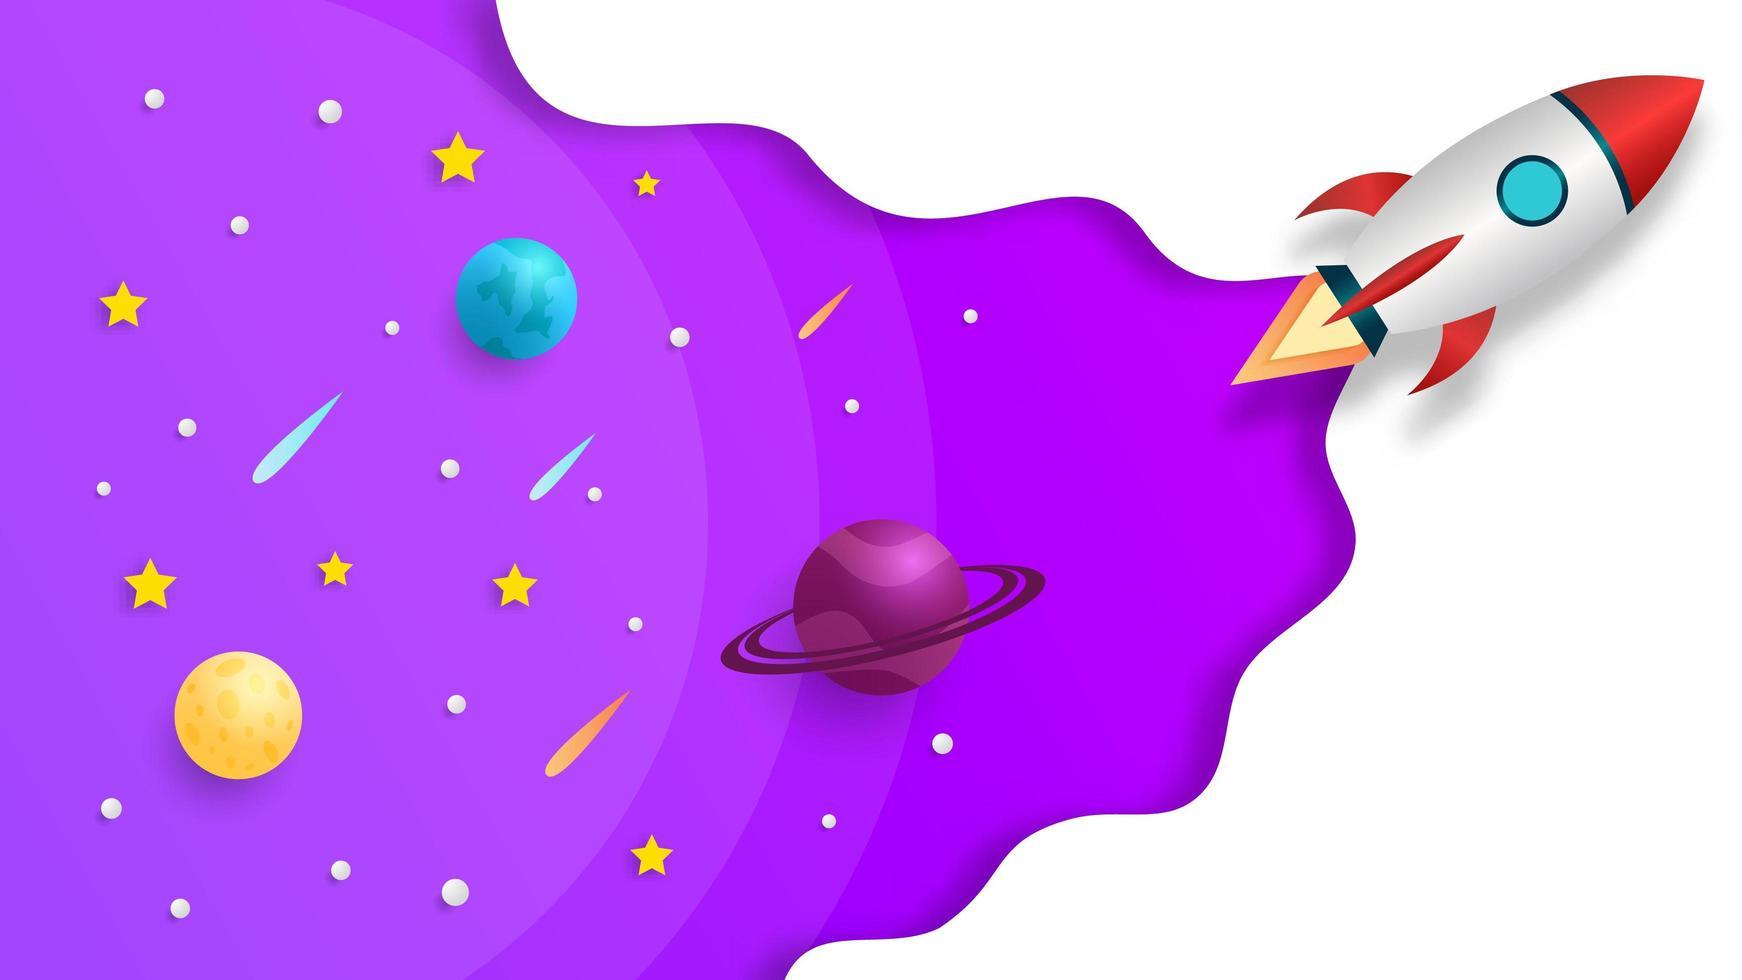 raket som sjösätter ut ur rymden vektor